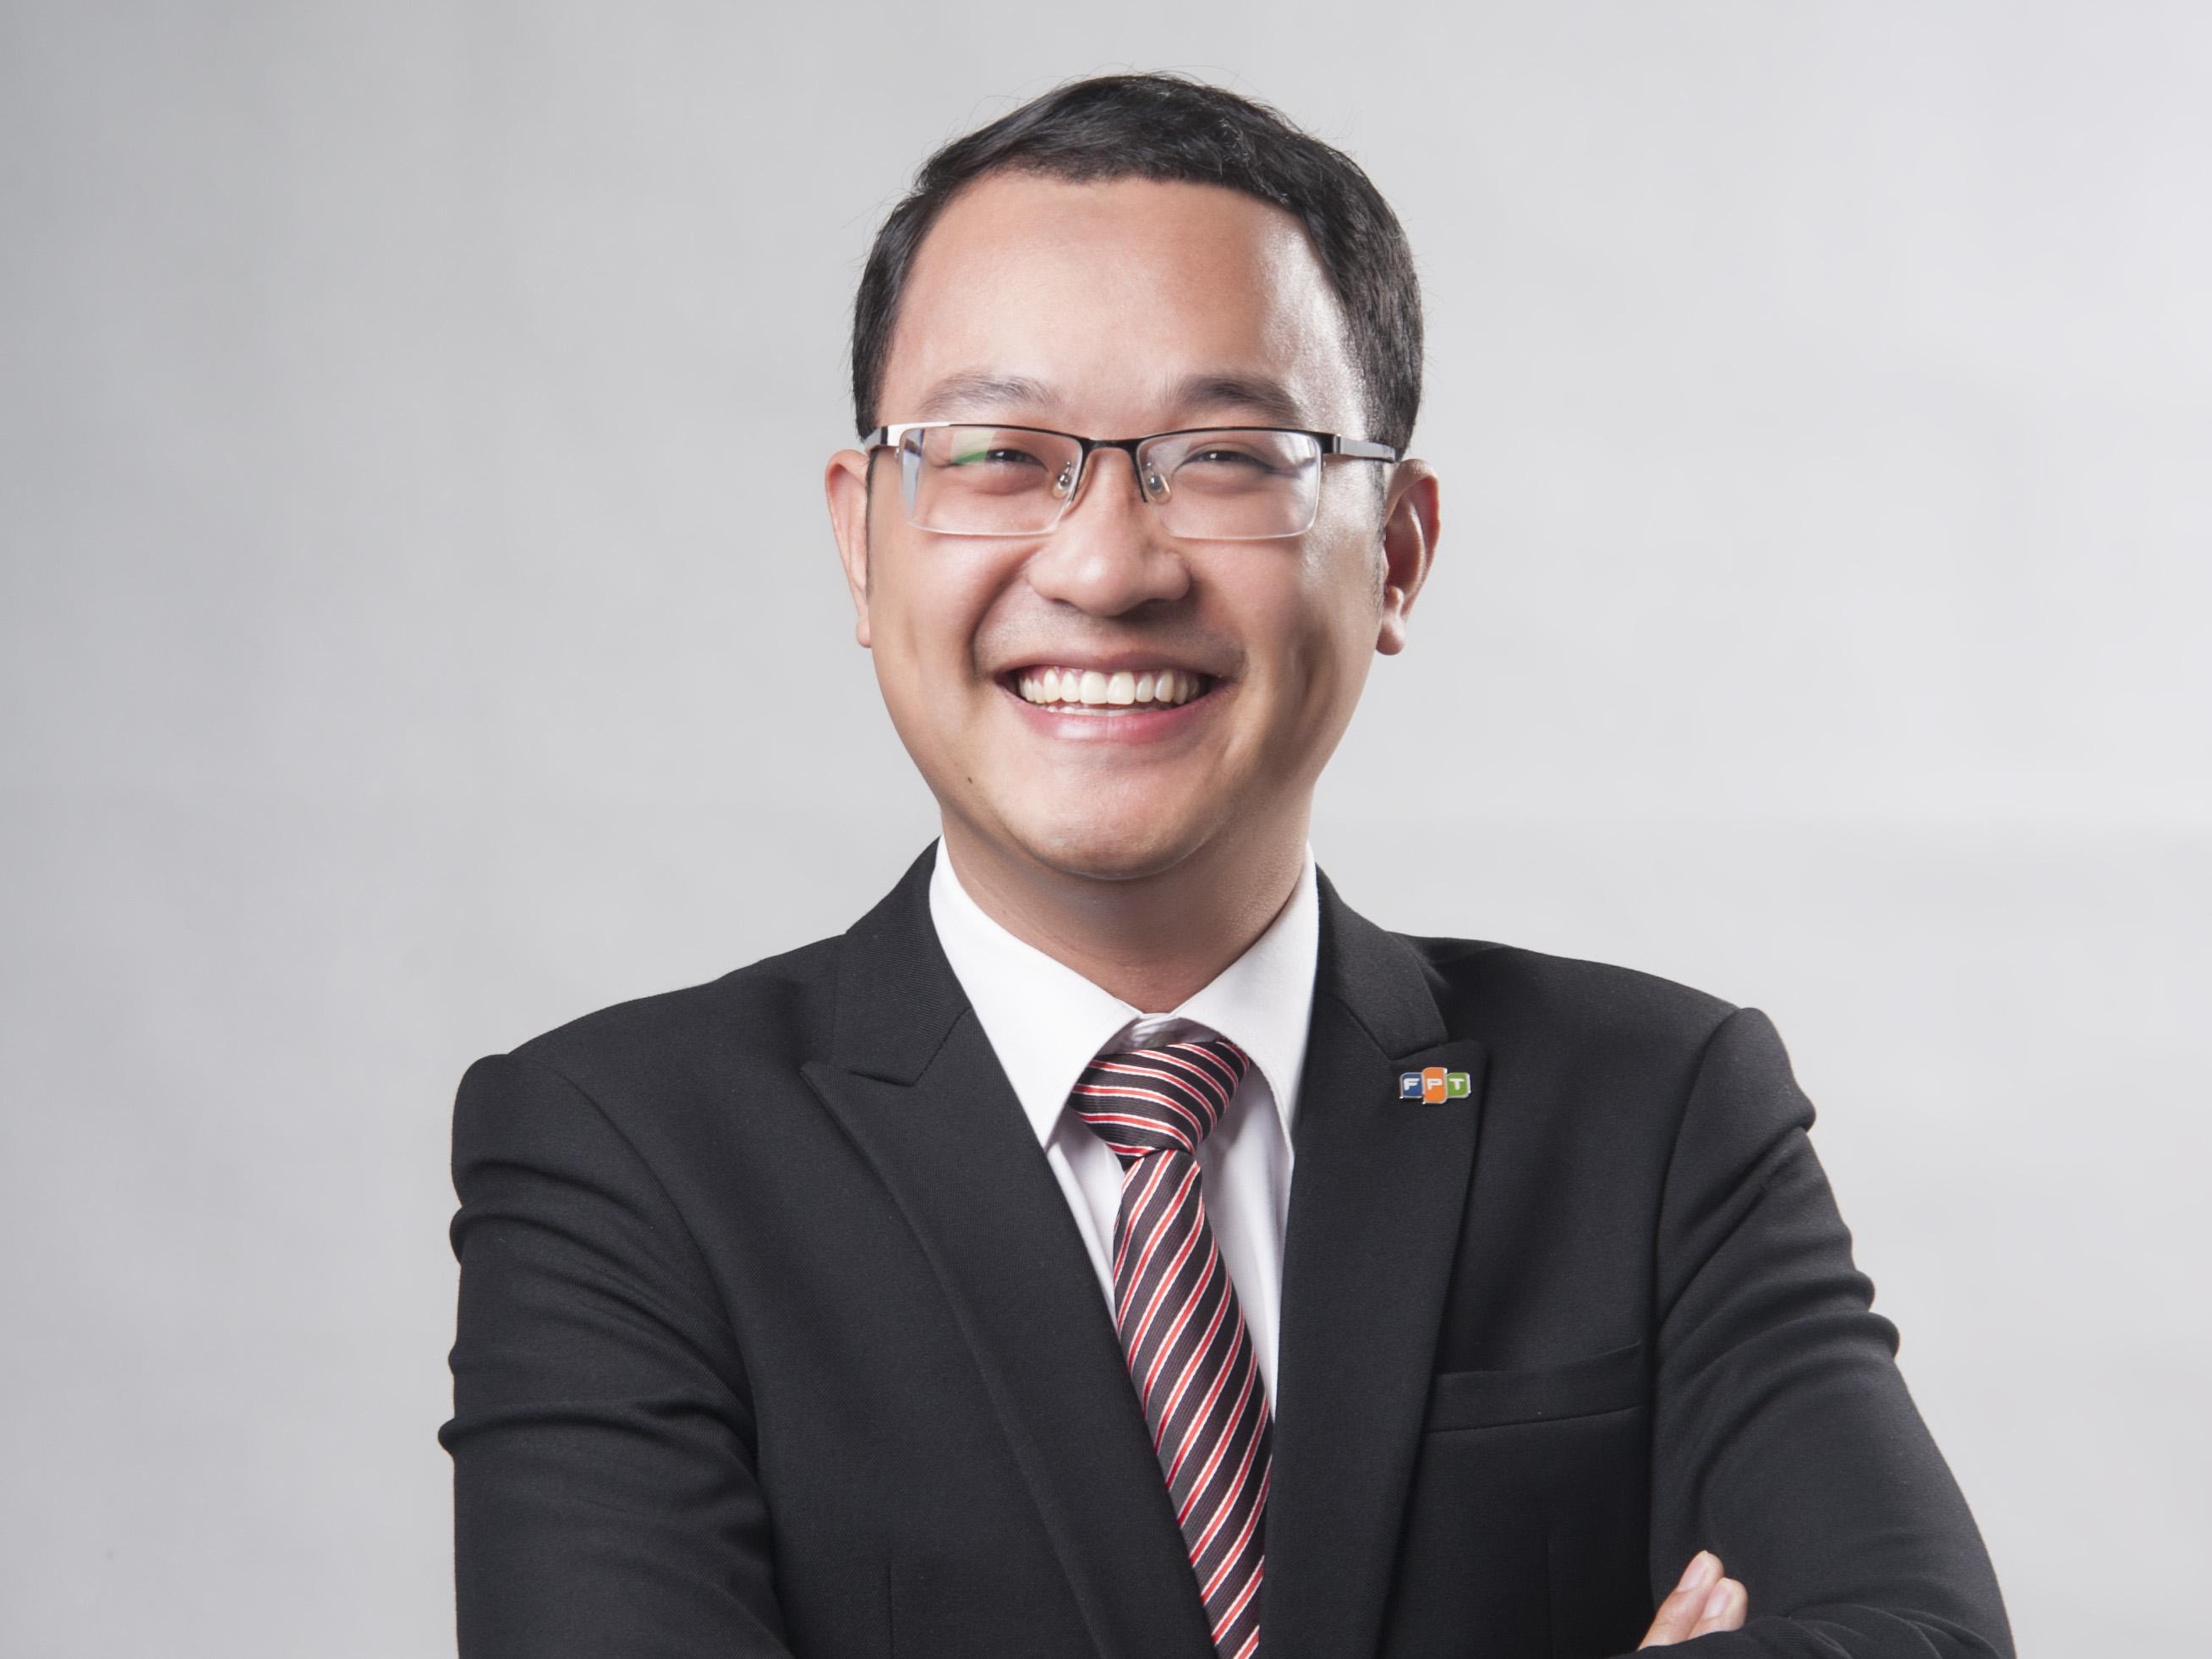 Giám đốc Nhân sự Chu Quang Huy Anh Chu Quang Huy gia nhập FPT năm 2012. Năm 2015, ngoài việc mang về danh hiệu Trạng nguyên đầu tiên cho nhà Bán lẻ, anh Huy còn là Trạng nguyên trẻ tuổi nhất của FPT trong 21 năm tổ chức cuộc thi này. Cùng năm, anh cũng trở thành Hoa hậu FPT nhờ những sáng tạo, đổi mới để đưa FPT Retail với những đặc tính khác biệt của mình vươn lên dẫn đầu. Đồng thời, lọt Top 13 FPT Under 35 năm 2016; Top 100 cá nhân xuất sắc FPT 2013 và 2016. Ngày 1/3/2019, anh Chu Quang Huy được bổ nhiệm vị trí Trưởng ban Nhân sự tập đoàn với nhiệm vụ xây dựng Hệ thống quản trị nguồn nhân lực nhằm đảm bảo doanh nghiệp hoạt động hiệu quả và bền vững, phục vụ cho mục tiêu phát triển của tập đoàn.